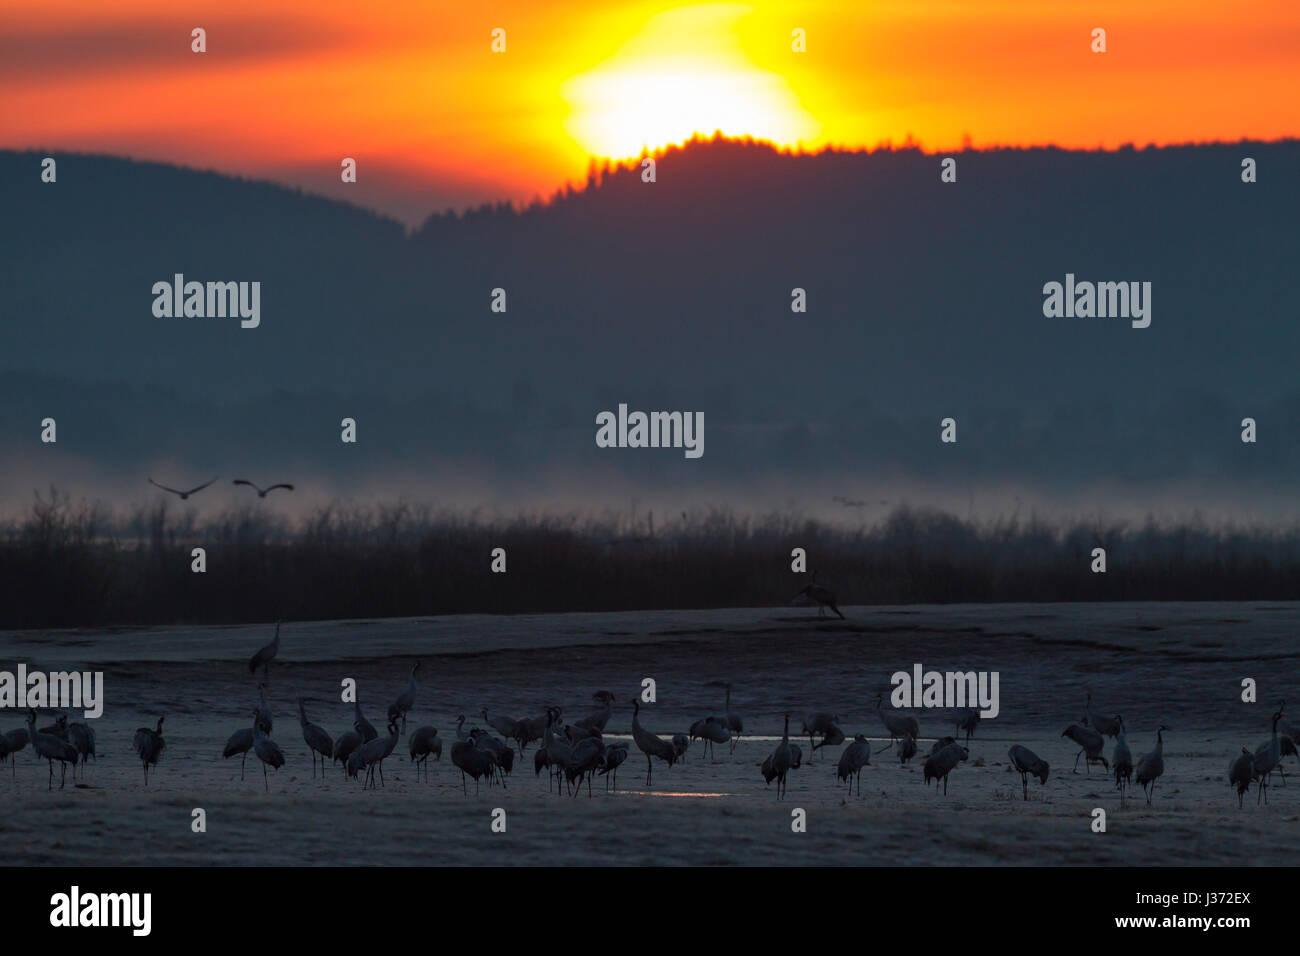 Grulla común / Grullas comunes (Grus grus) Grey fying al amanecer para descansar en el lago Hornborga / Hornborgasjön en primavera, Västergötland, Suecia Foto de stock